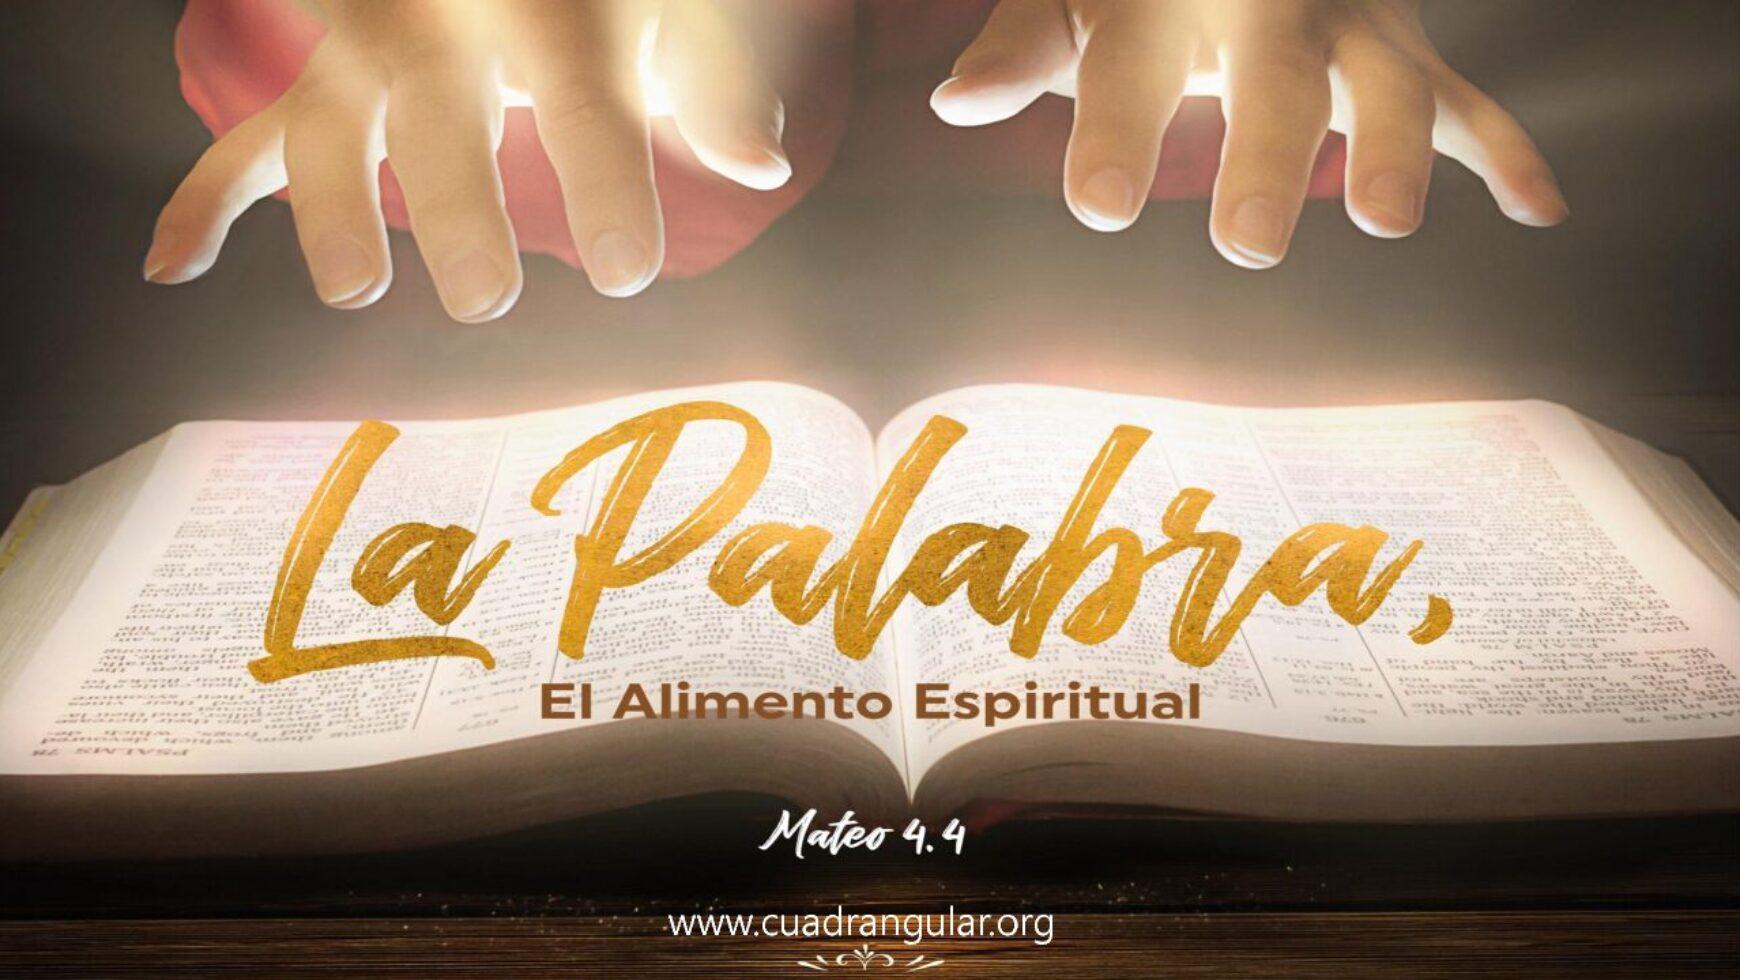 La palabra, el alimento espiritual